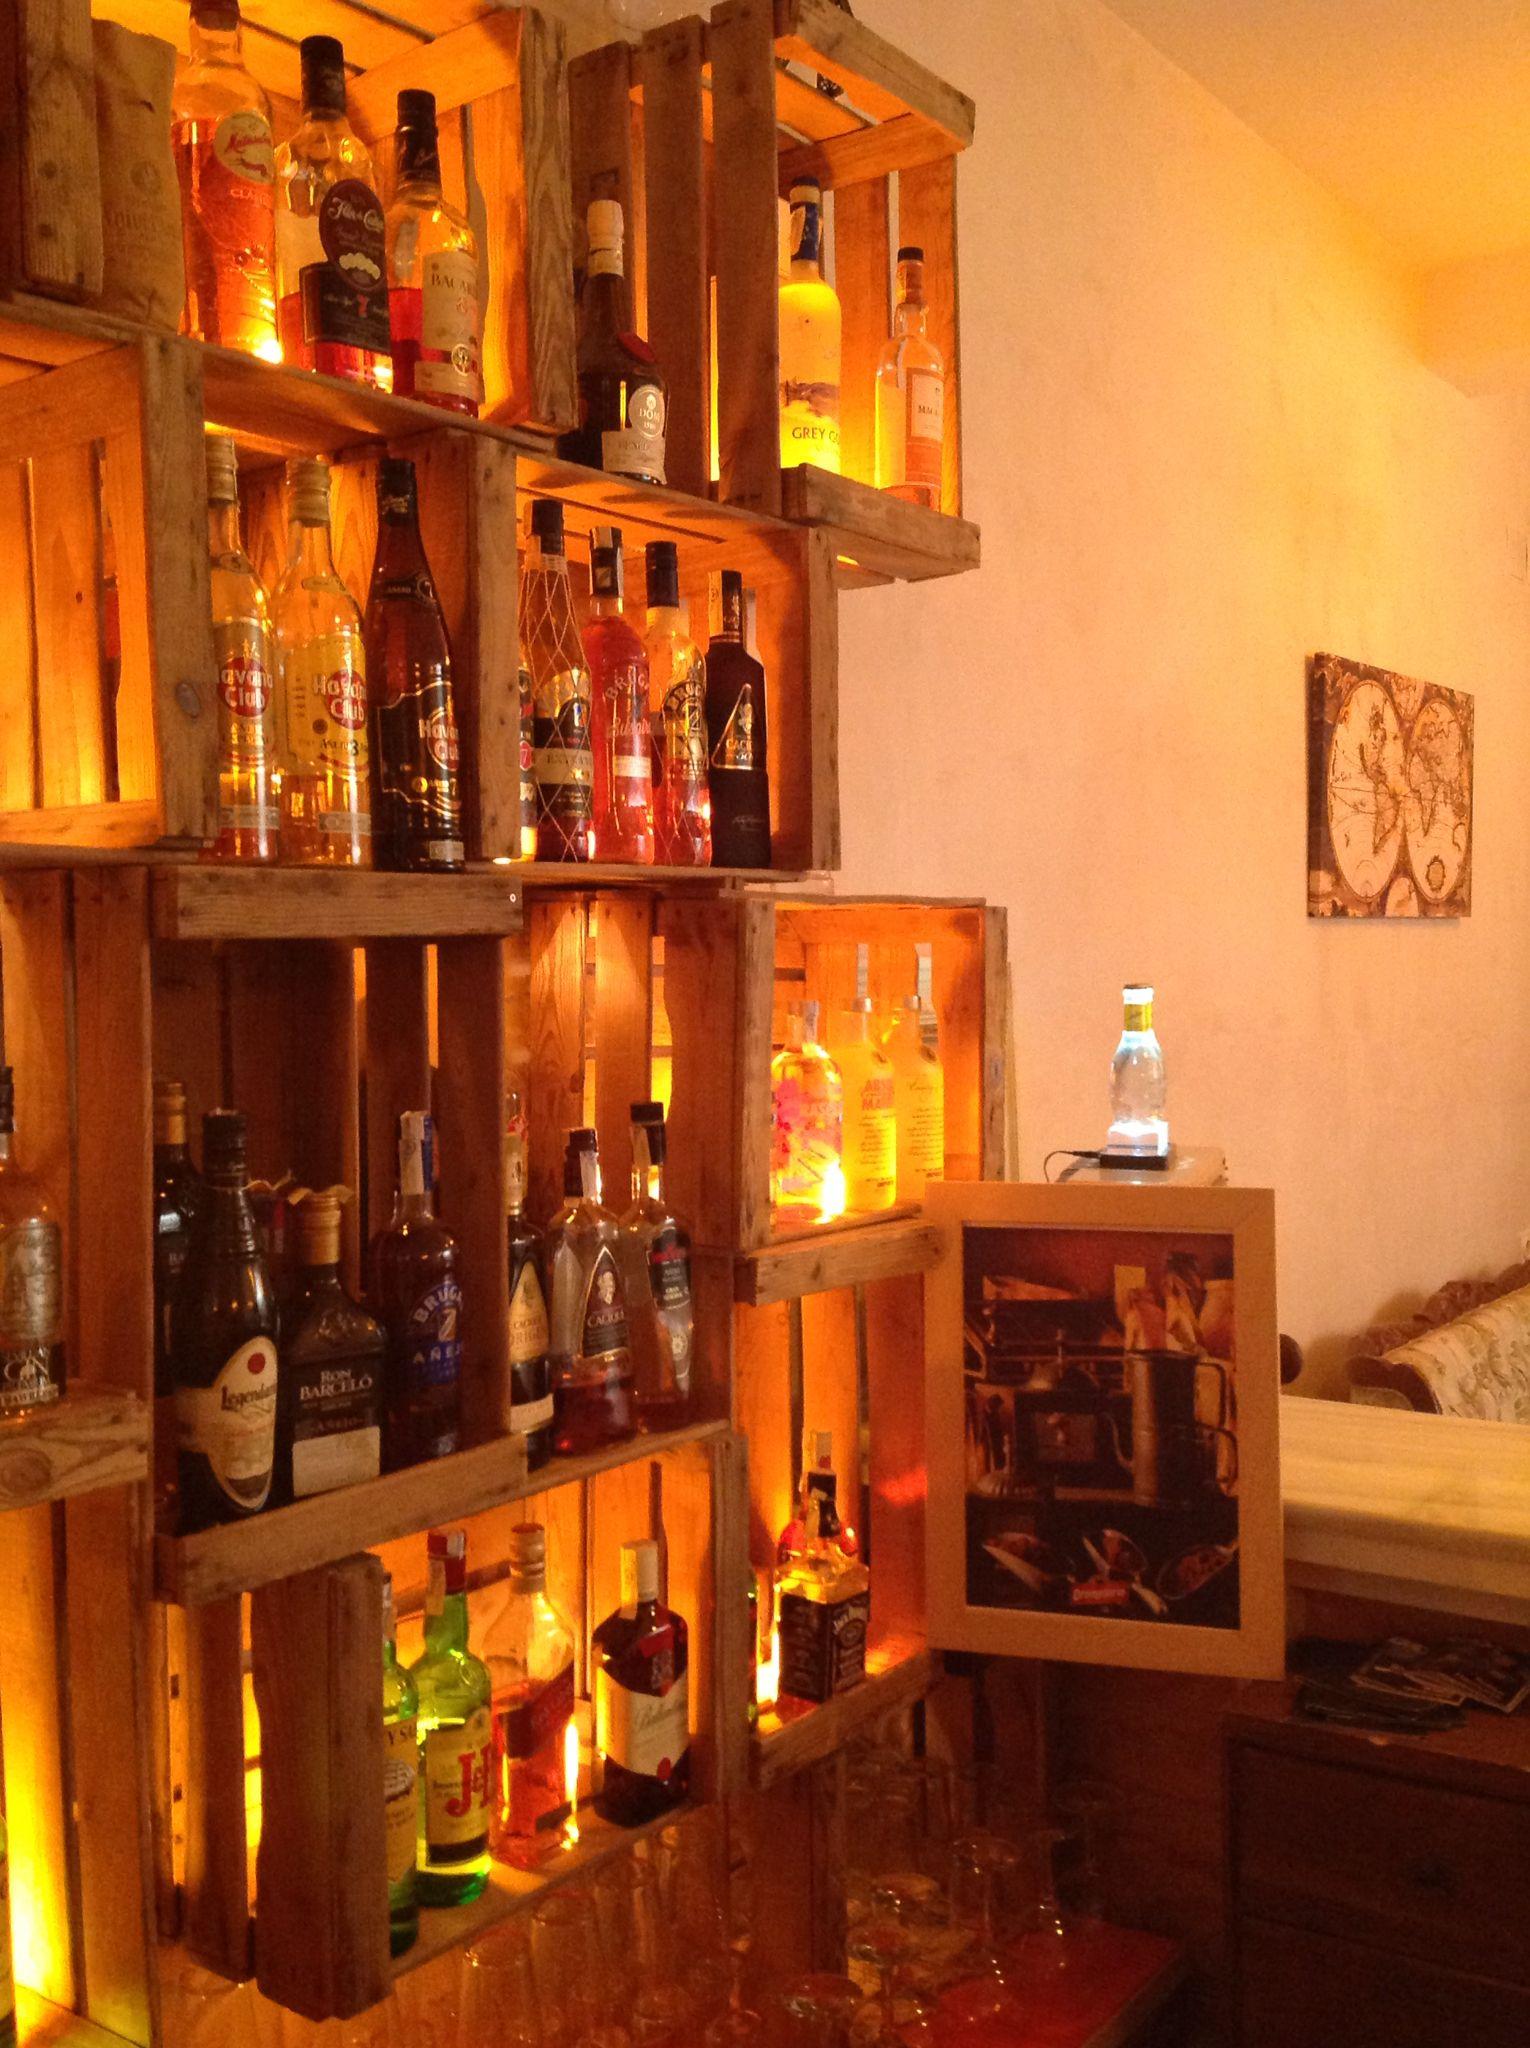 Contrabarra de bar estanter a reciclaje cajas - Estanterias para bares ...